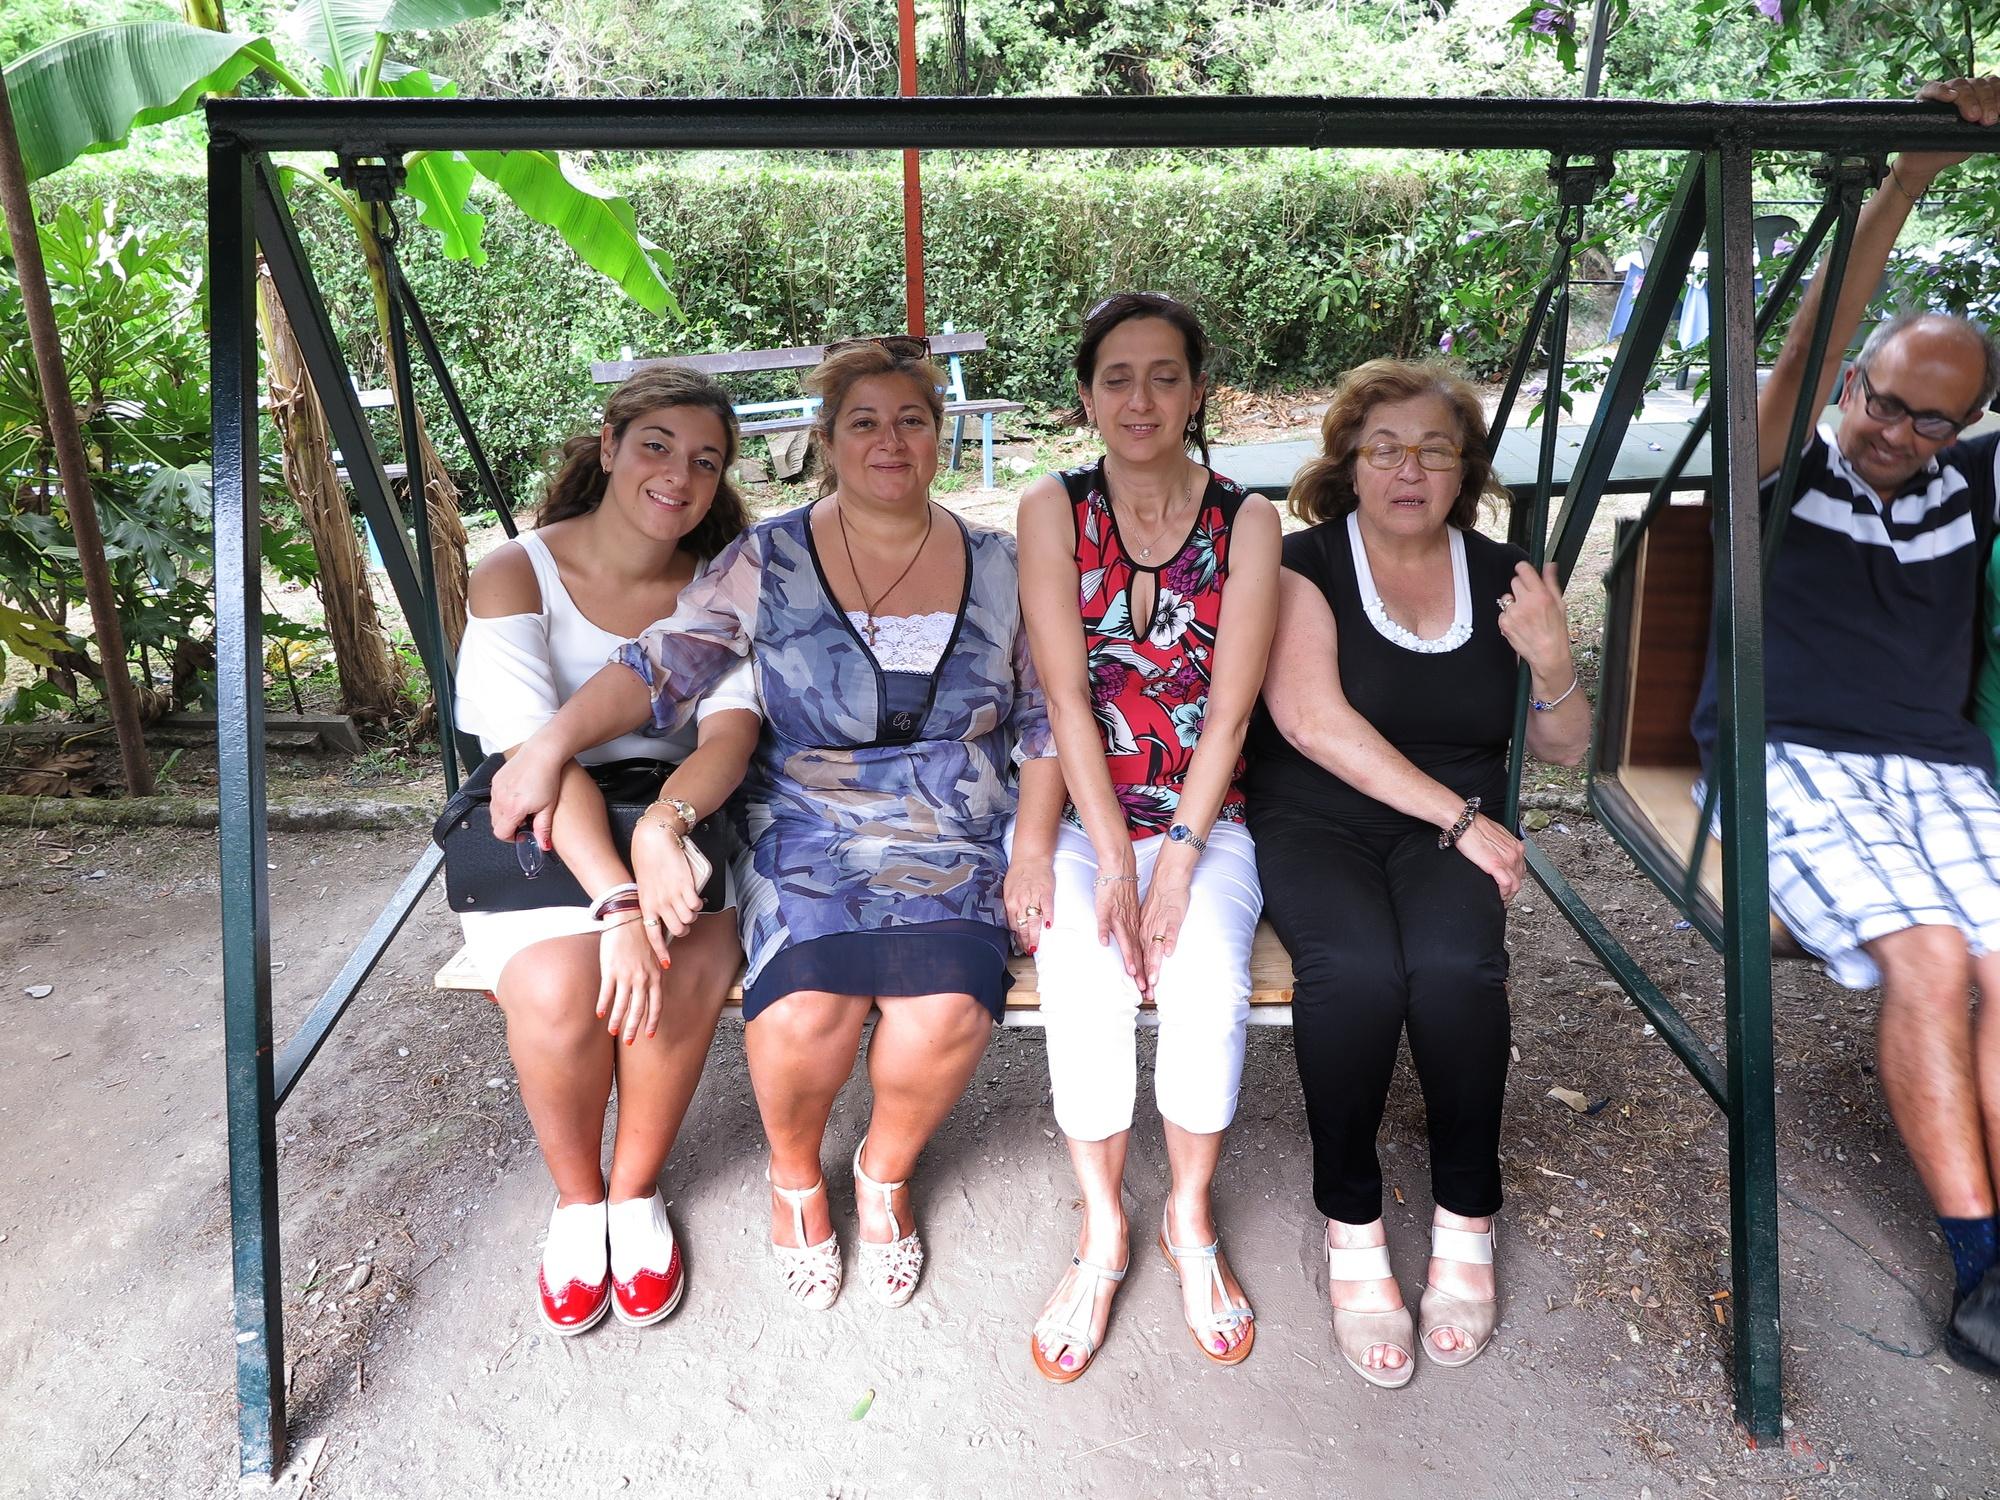 pranzo-equipe-cpm-ognio-2016-07-24-15-57-35